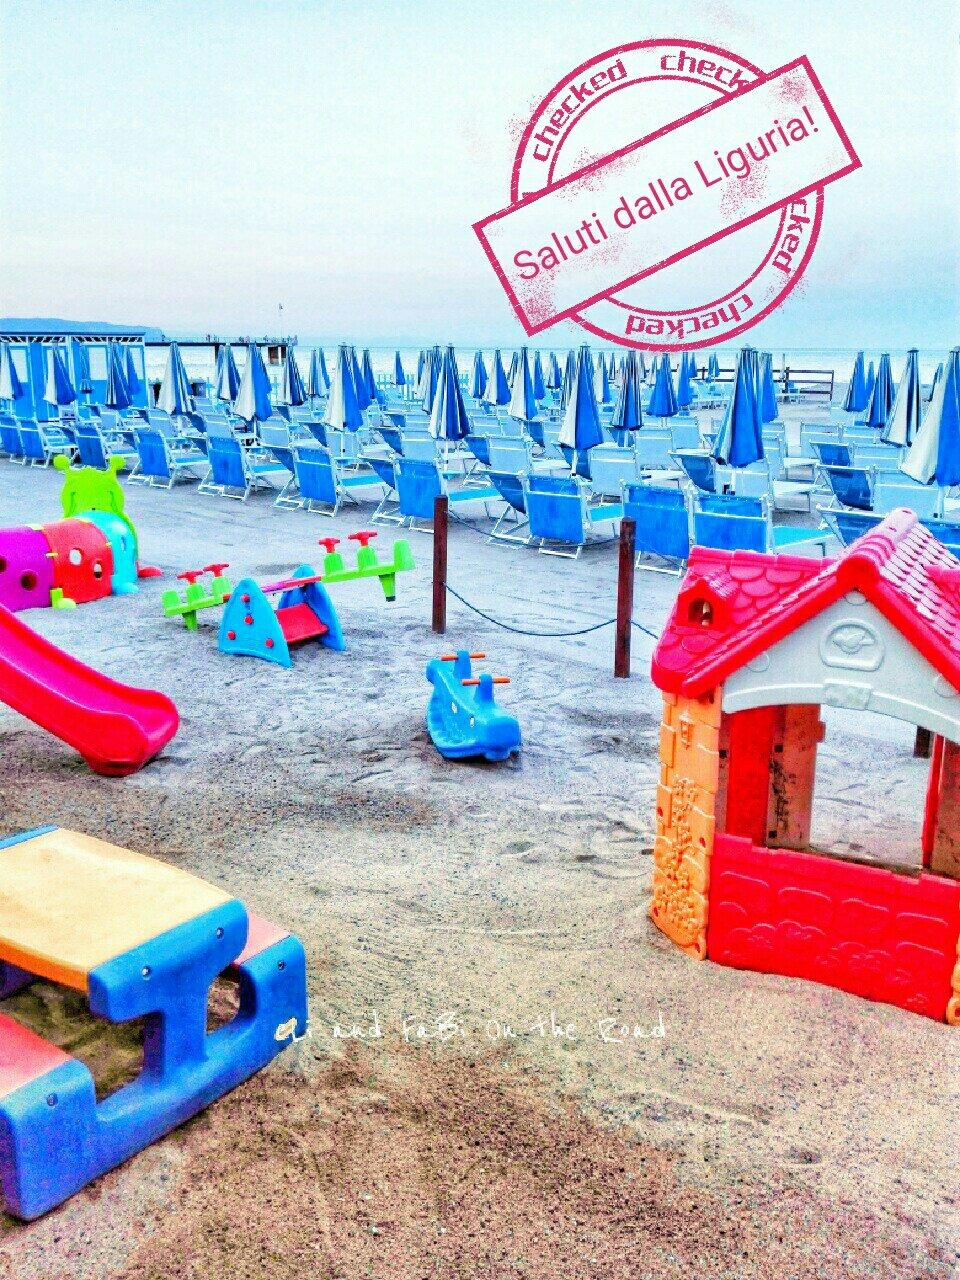 #CartolineDalMondo speciale estate: saluti dalla Liguria